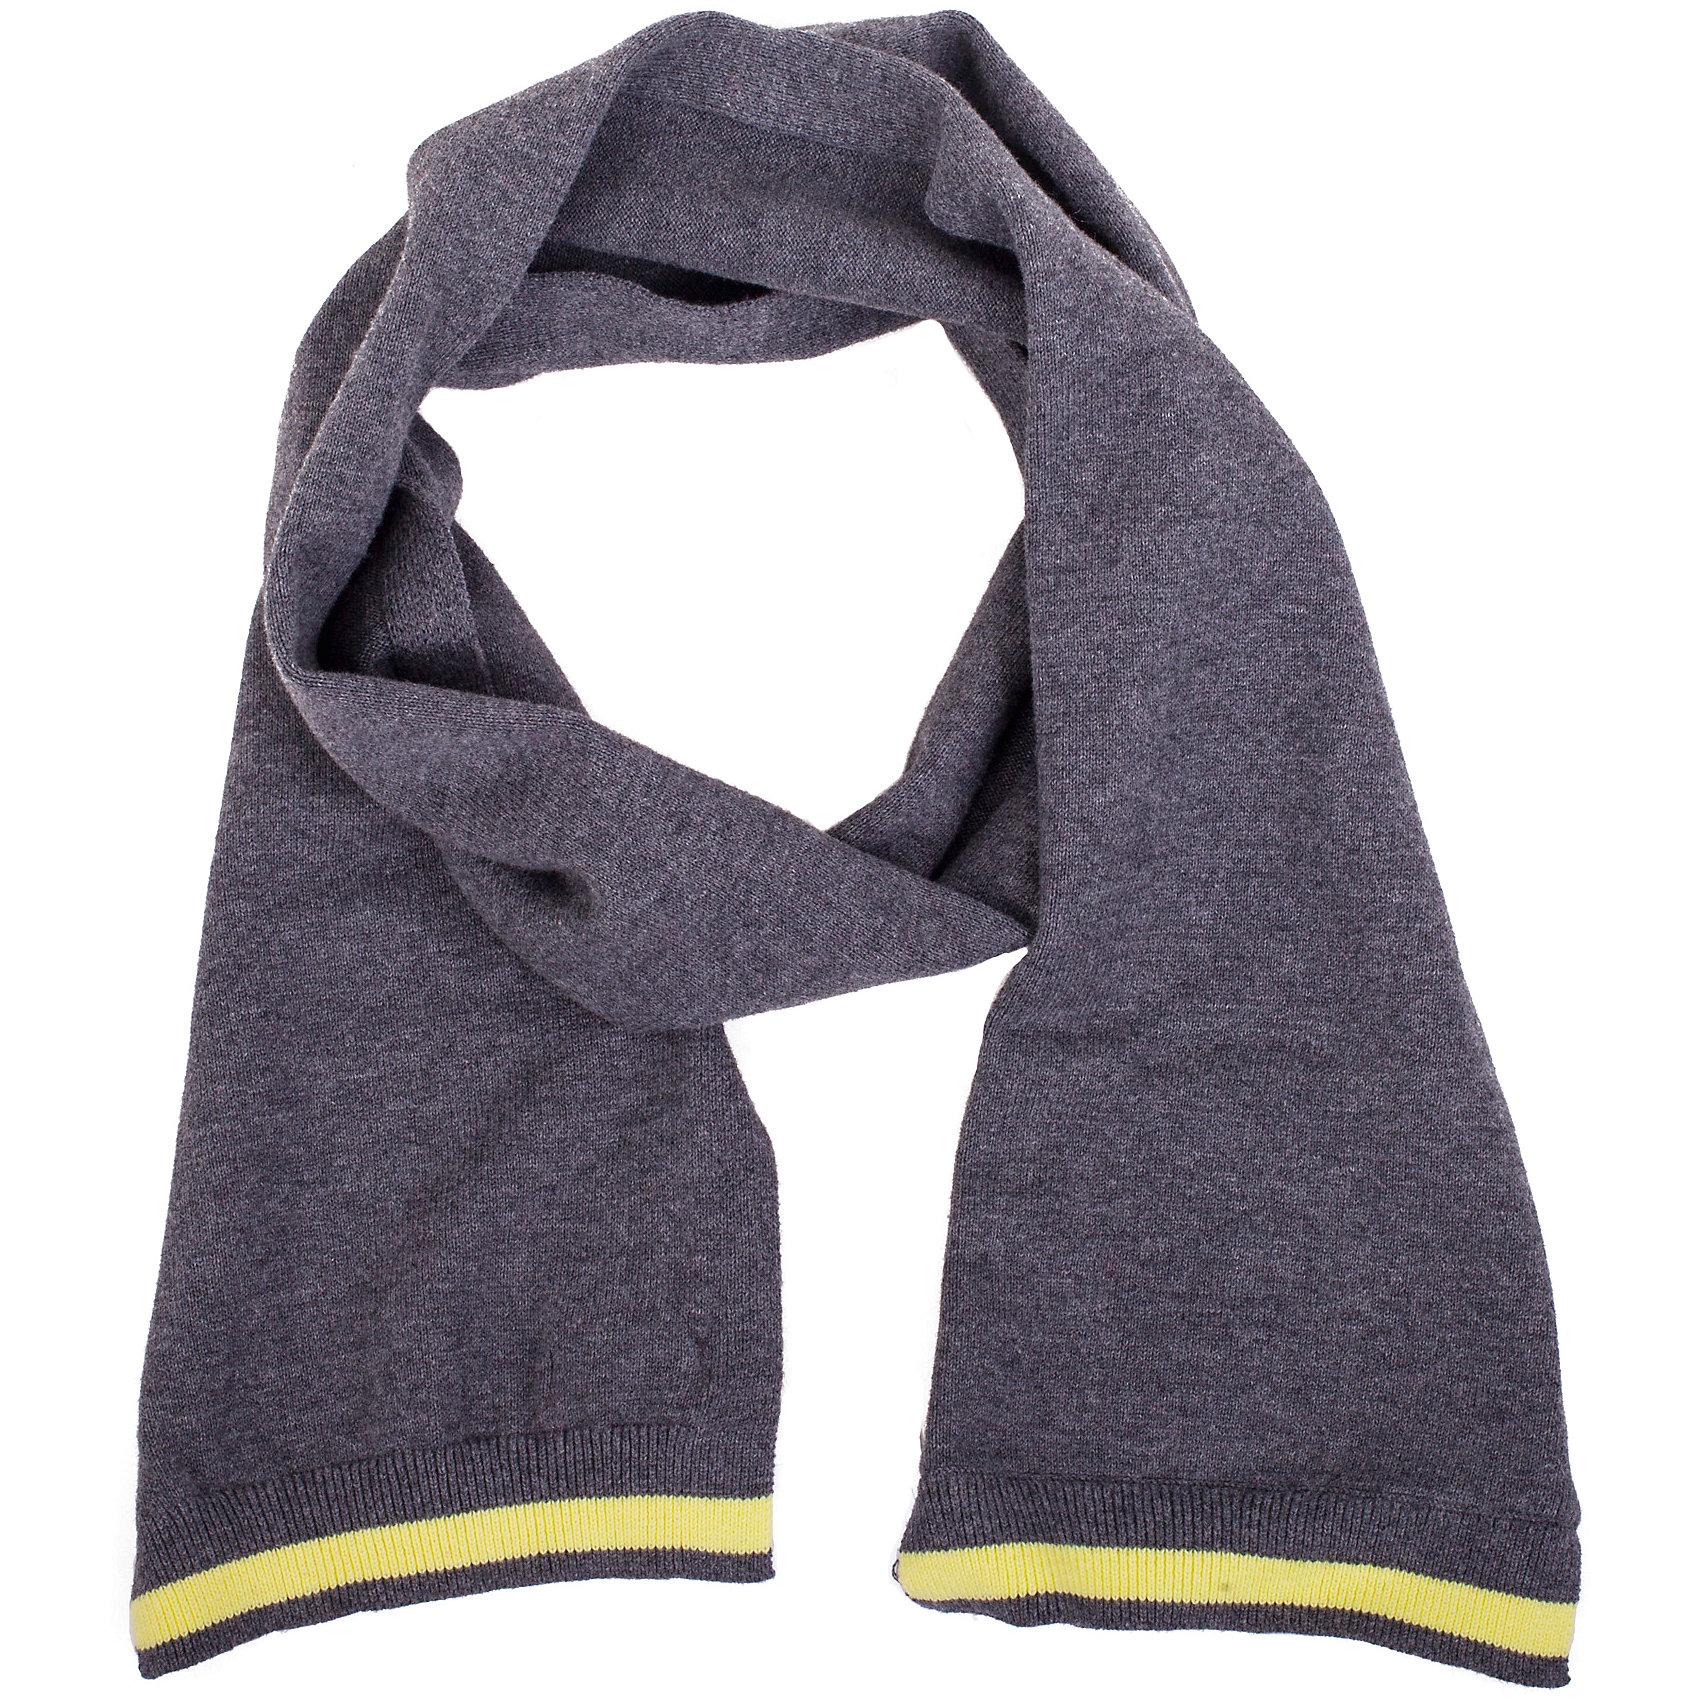 Шарф для мальчика GulliverШарфы, платки<br>Классный вязаный шарф - важный элемент повседневного образа. Он защитит юного модника от весенней прохлады, а также придаст образу элегантную небрежность. Вы решили купить стильный шарф для мальчика? Синий меланжевый шарф из коллекции Сардиния - прекрасный выбор!<br>Состав:<br>100% хлопок<br><br>Ширина мм: 88<br>Глубина мм: 155<br>Высота мм: 26<br>Вес г: 106<br>Цвет: синий<br>Возраст от месяцев: 84<br>Возраст до месяцев: 120<br>Пол: Мужской<br>Возраст: Детский<br>Размер: one size<br>SKU: 5482991